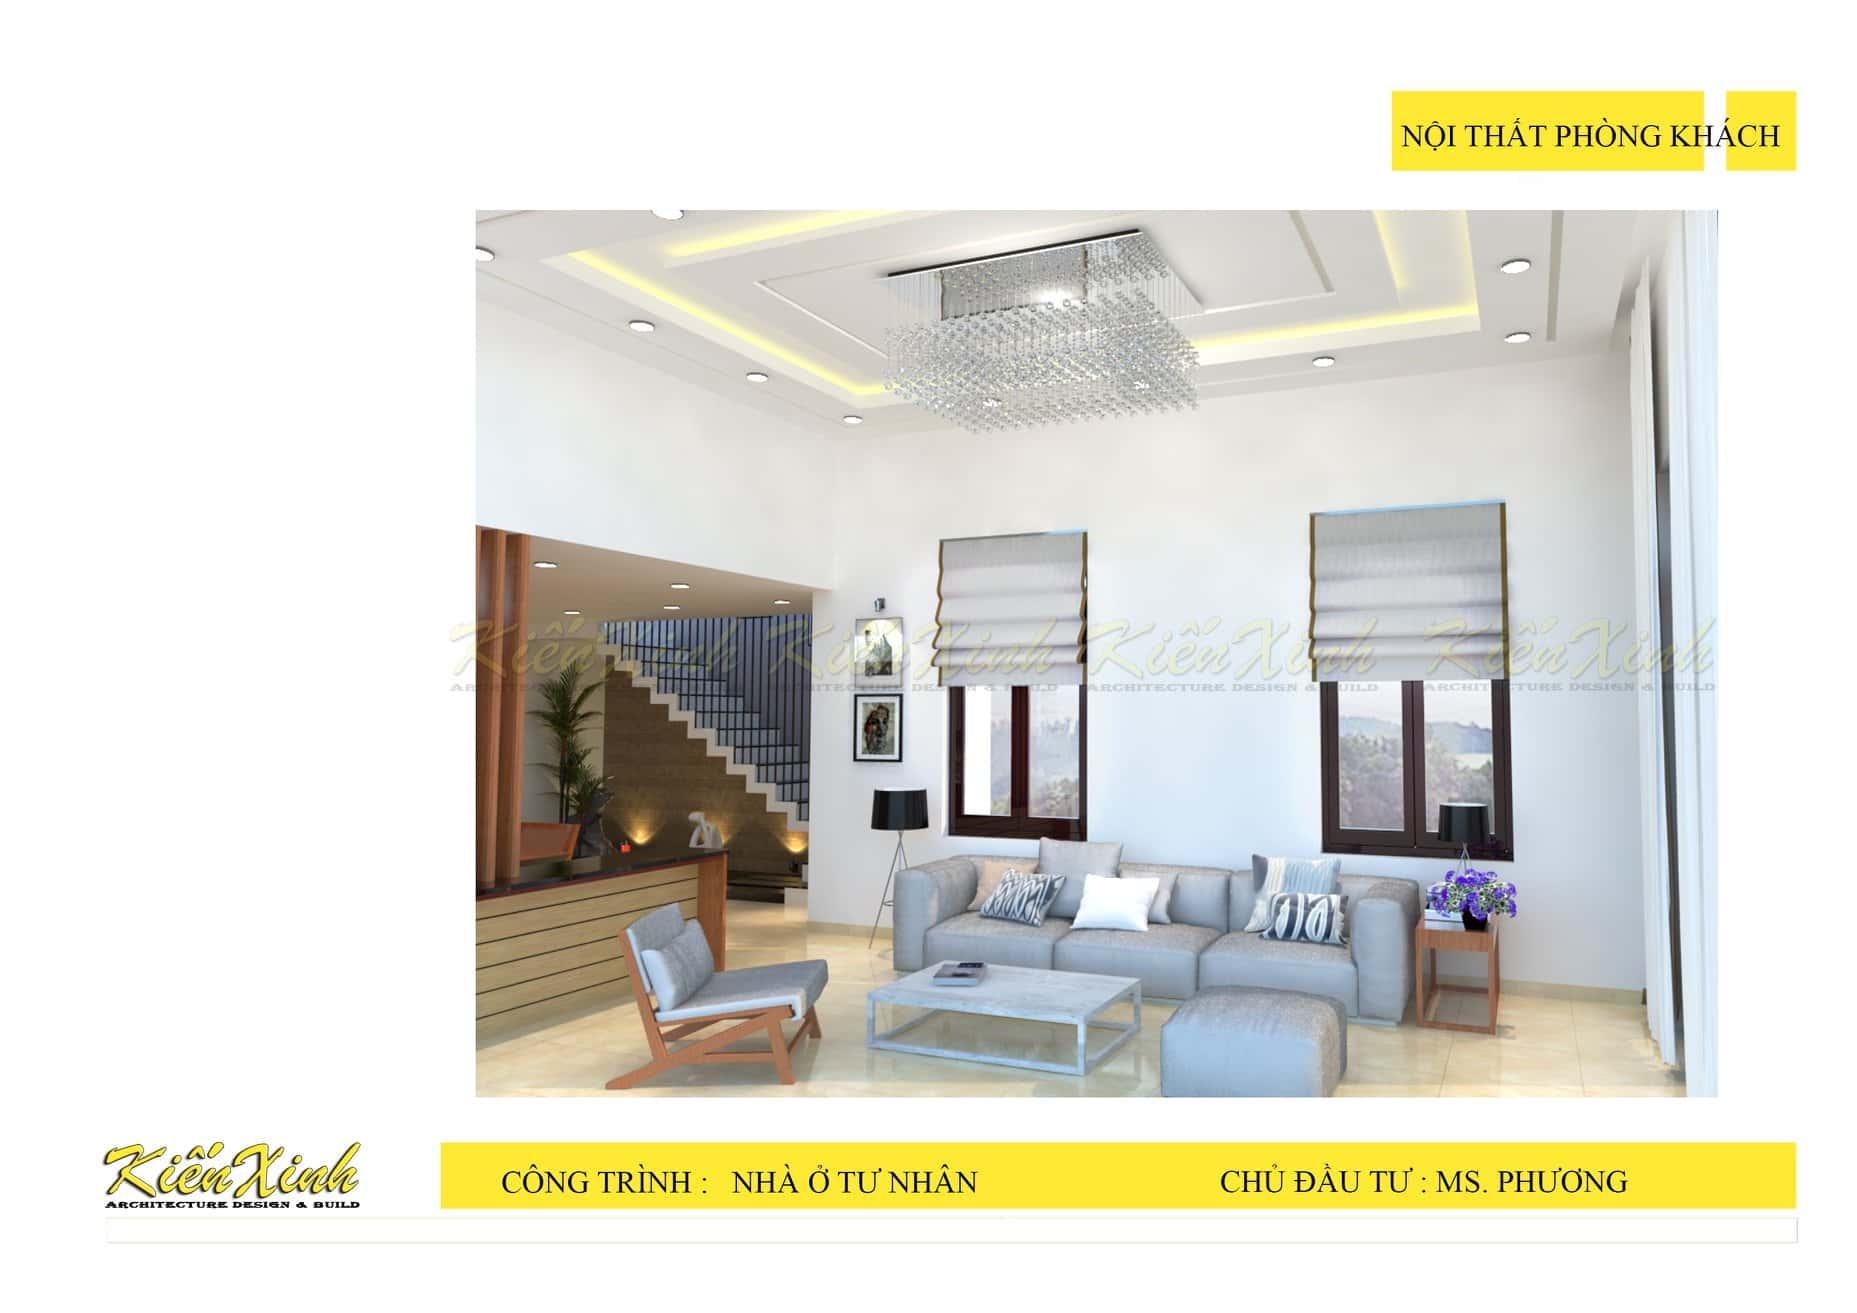 nha 1 tang pk - Biệt thự 1 tầng với với 3 phòng ngủ đẹp ở Gia Lai